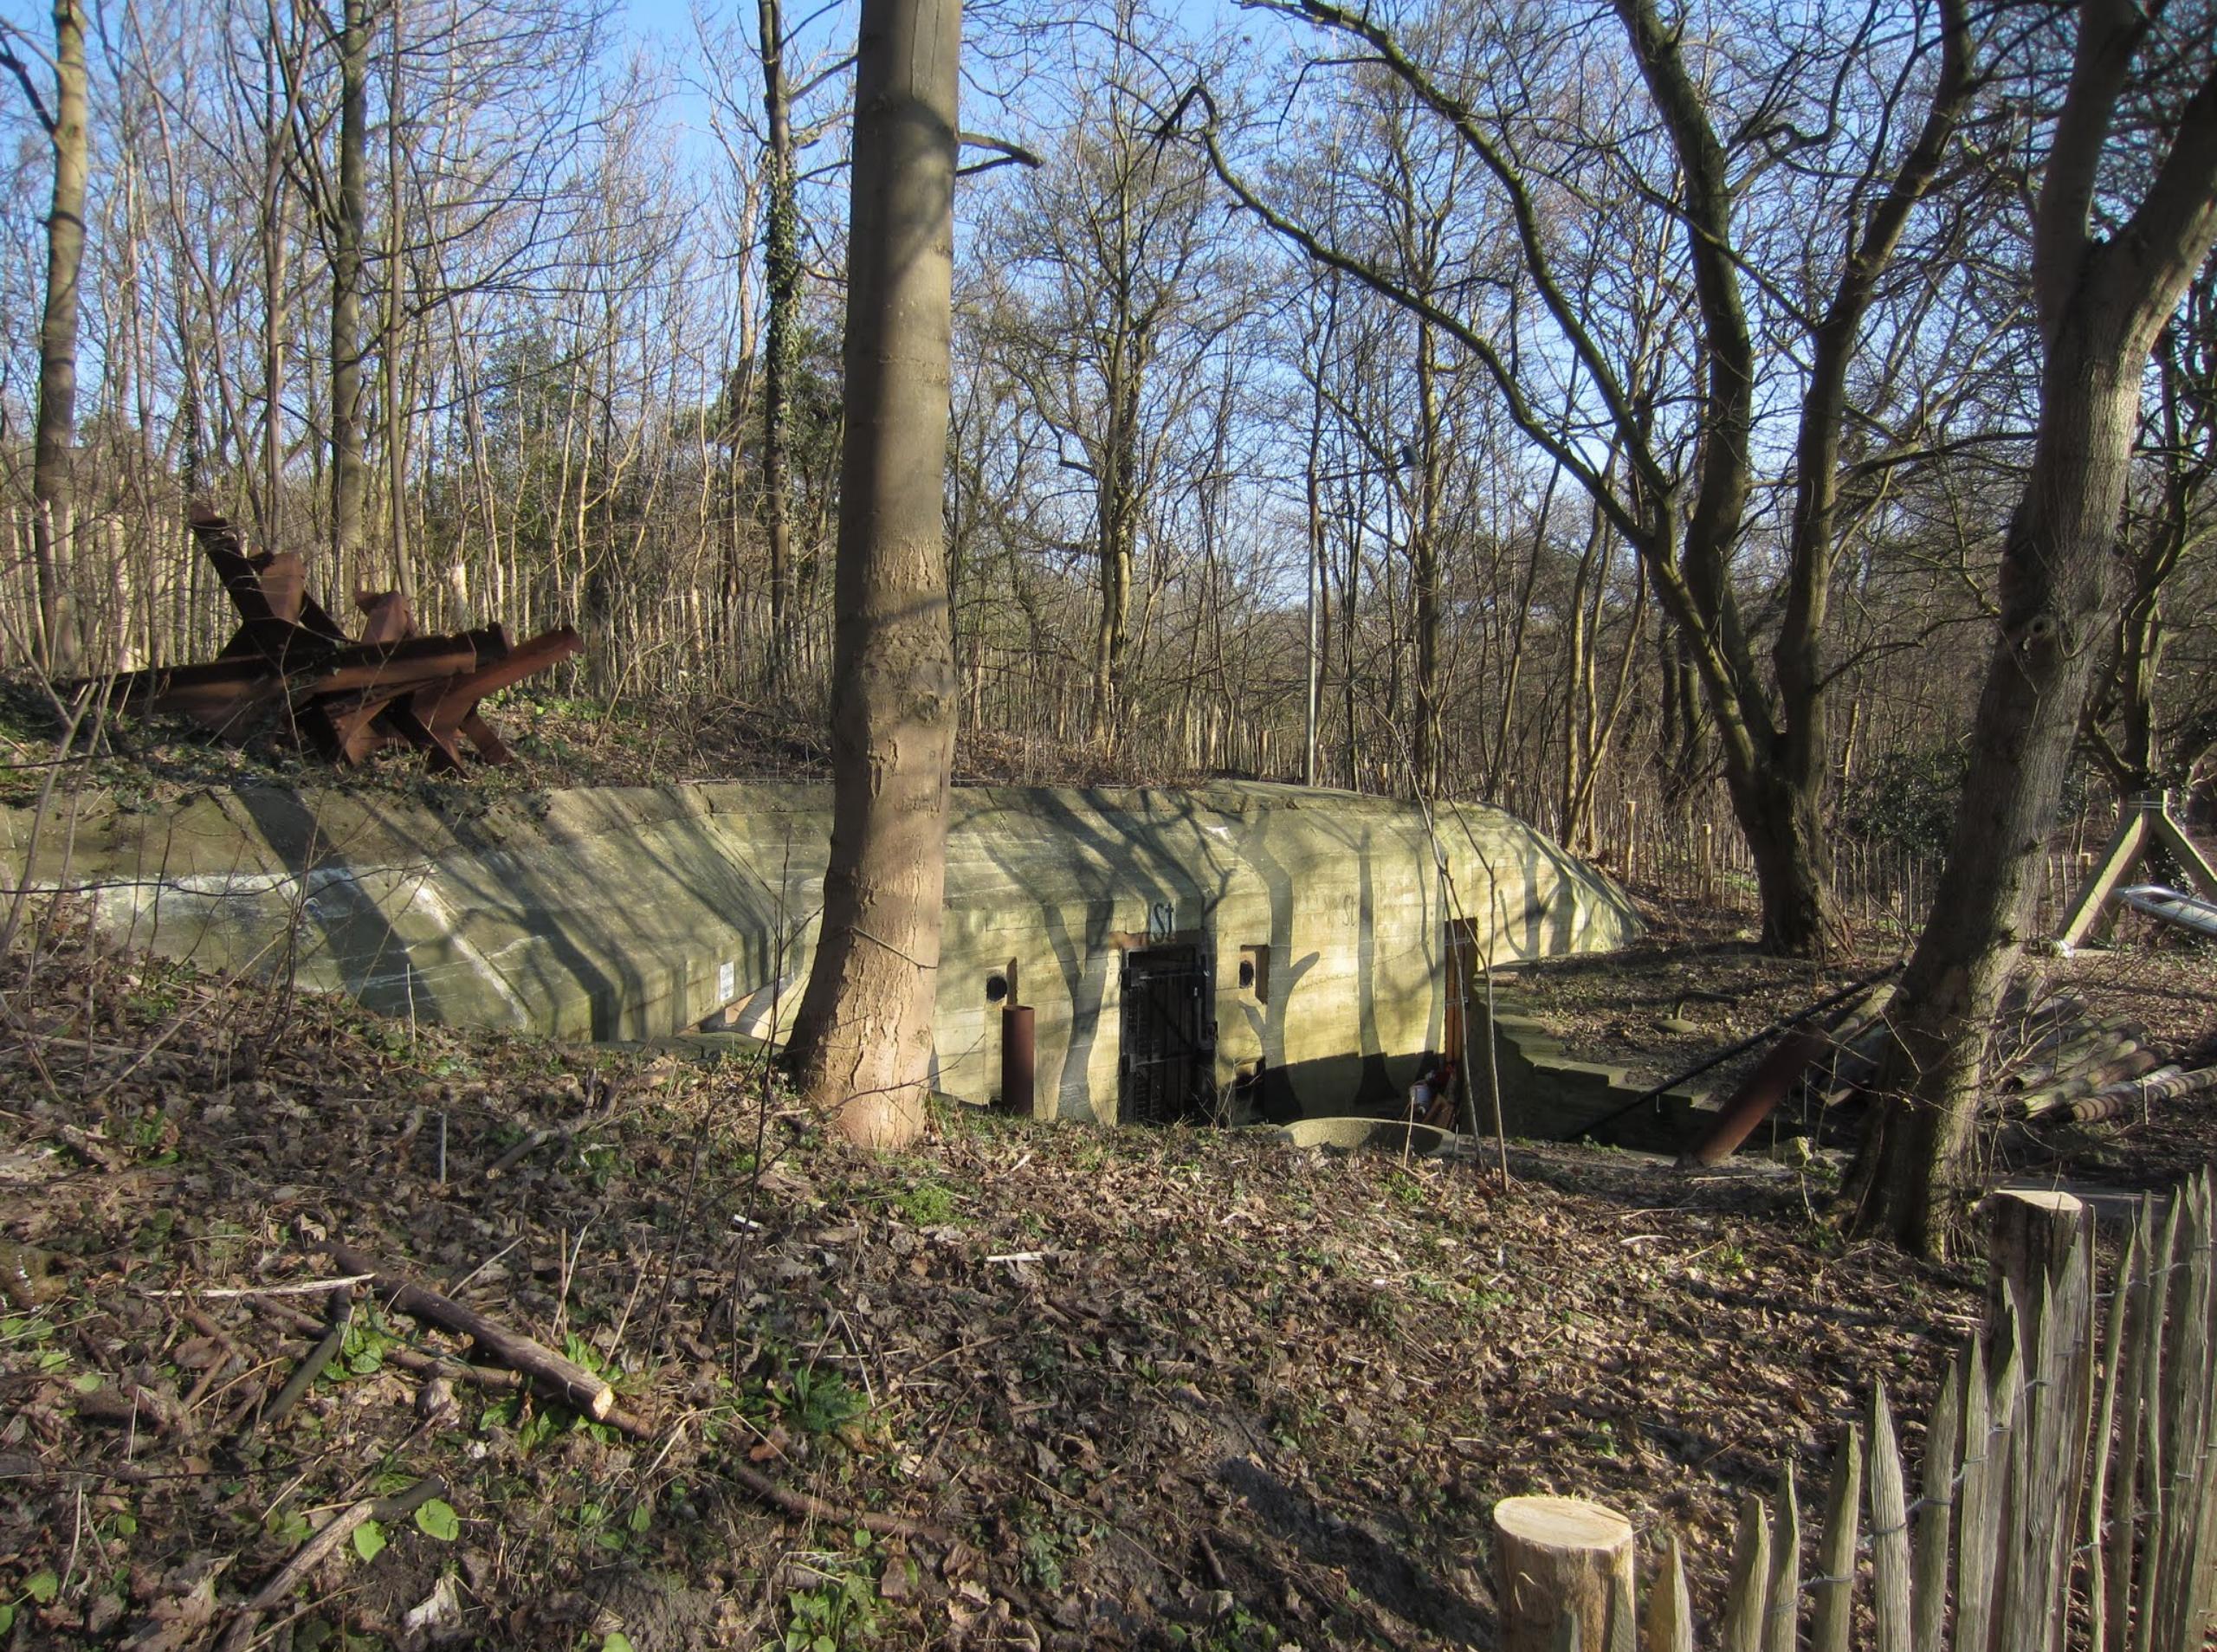 Uitbreiding Bunkermuseum gaat niet door